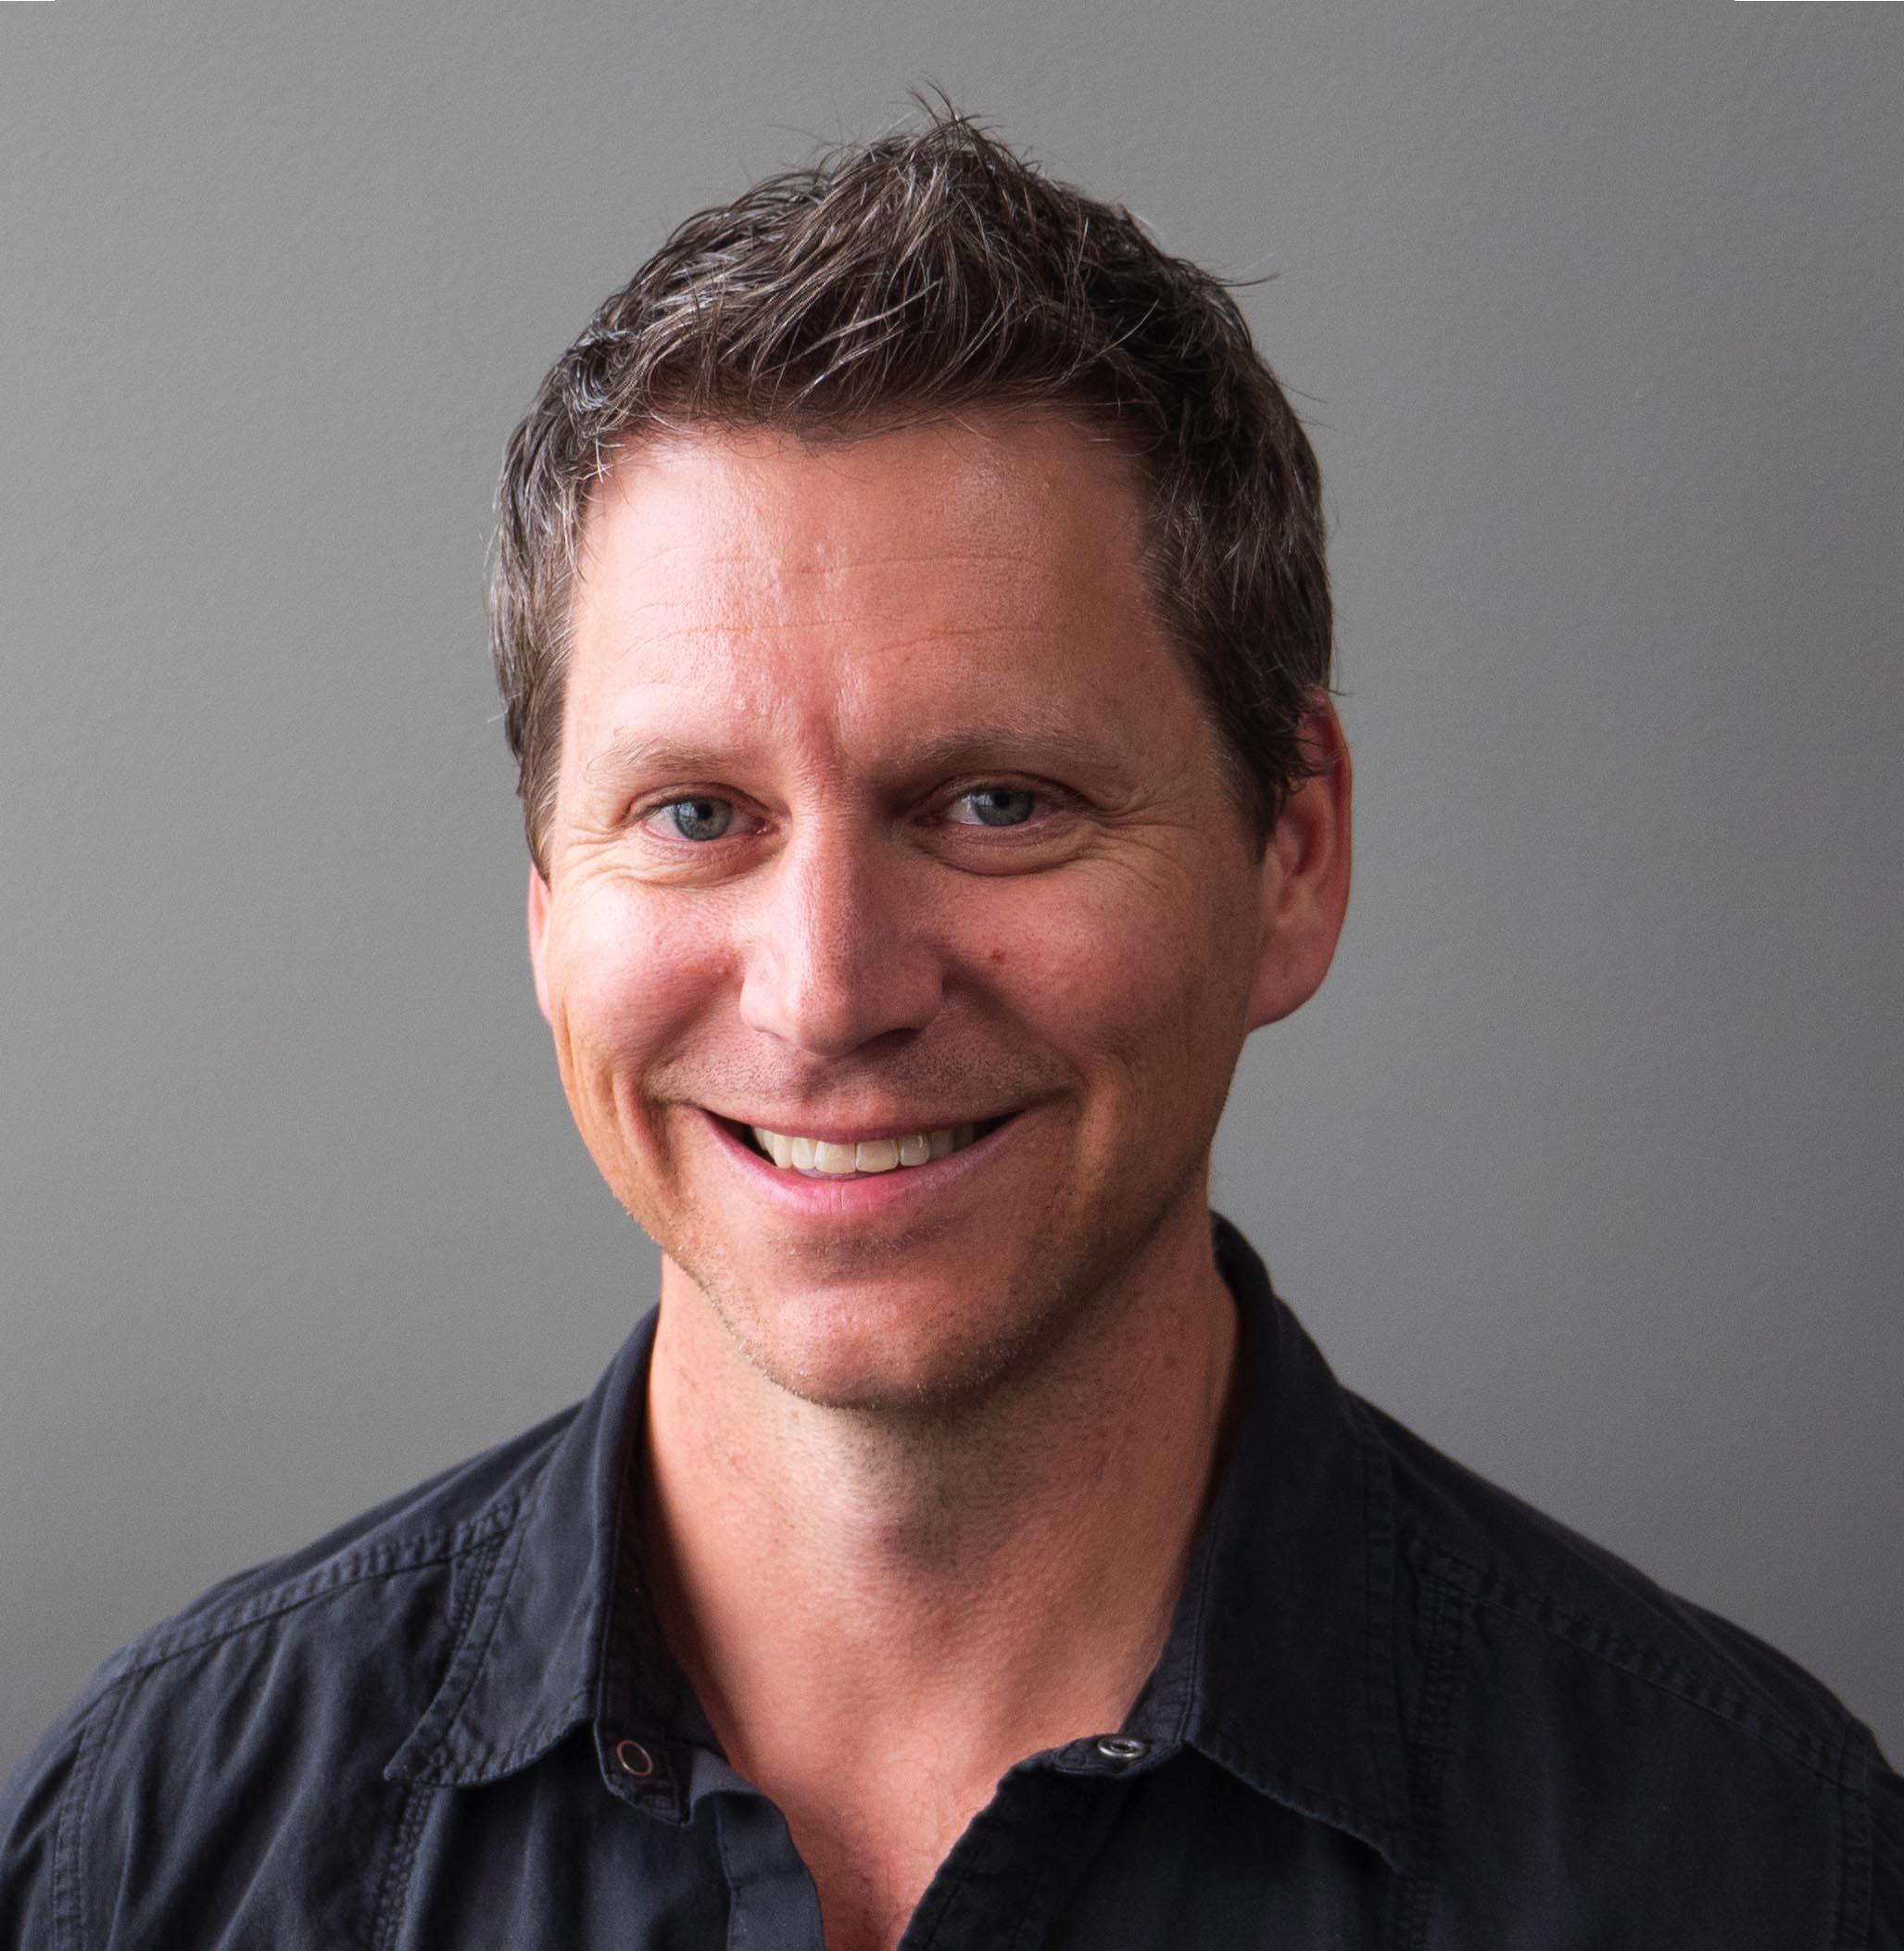 Shane Bruckner